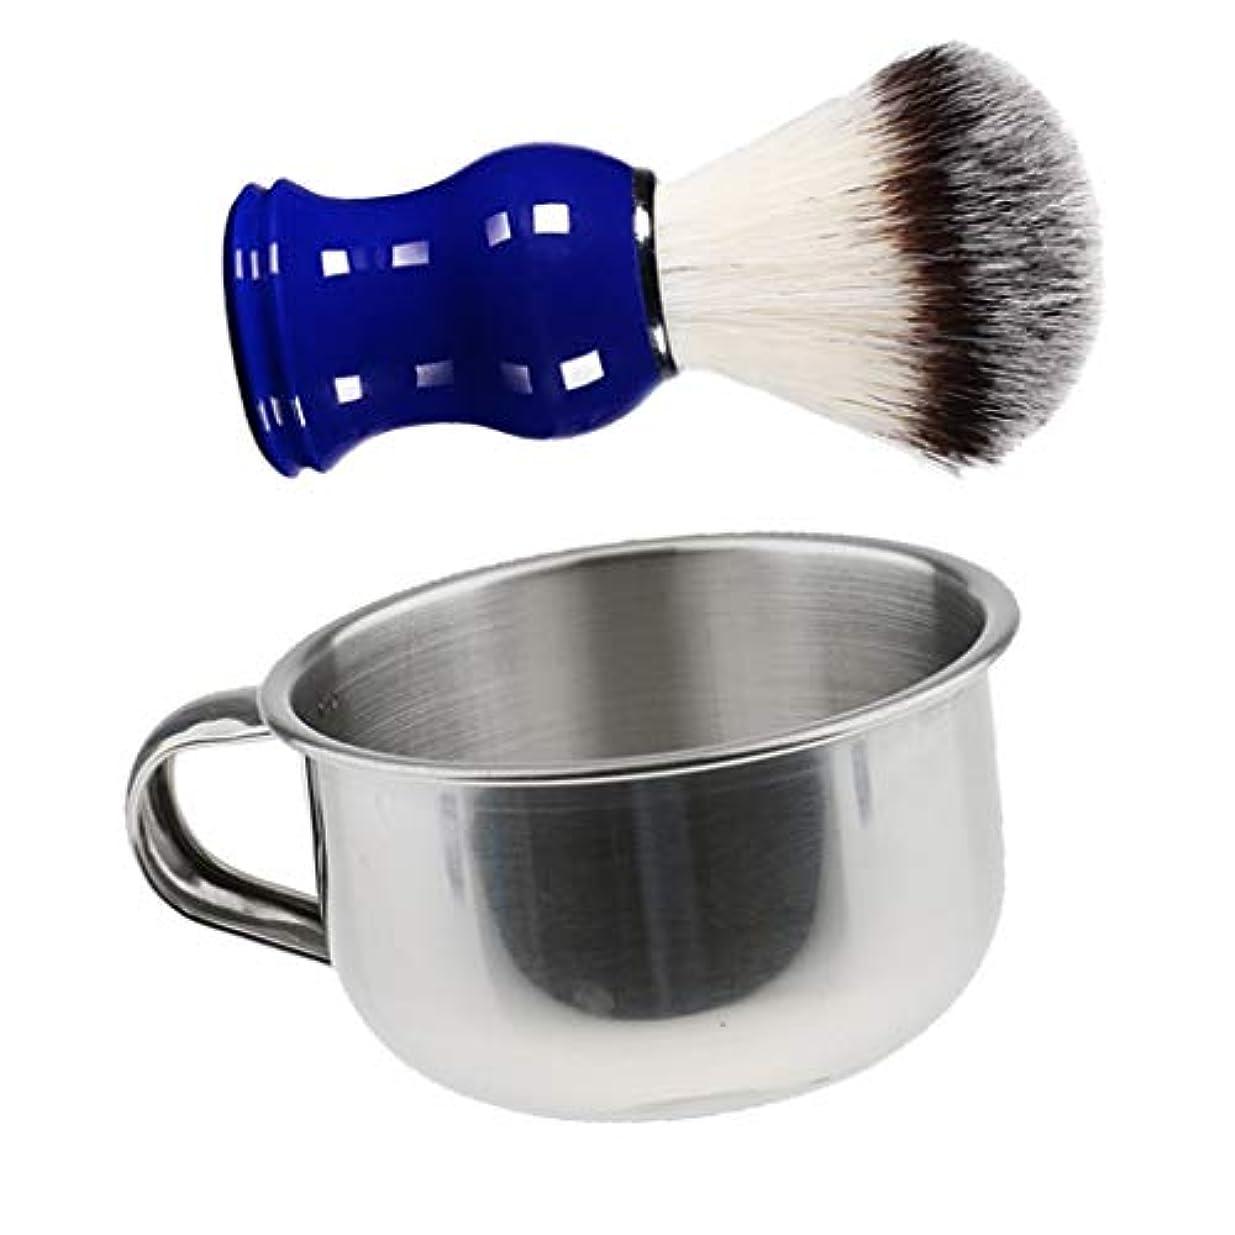 面白い貢献畝間Baoblaze シェービングブラシセット ステンレス製シェービングボウル メンズ 理容 洗顔 髭剃り 泡立ち 実用的